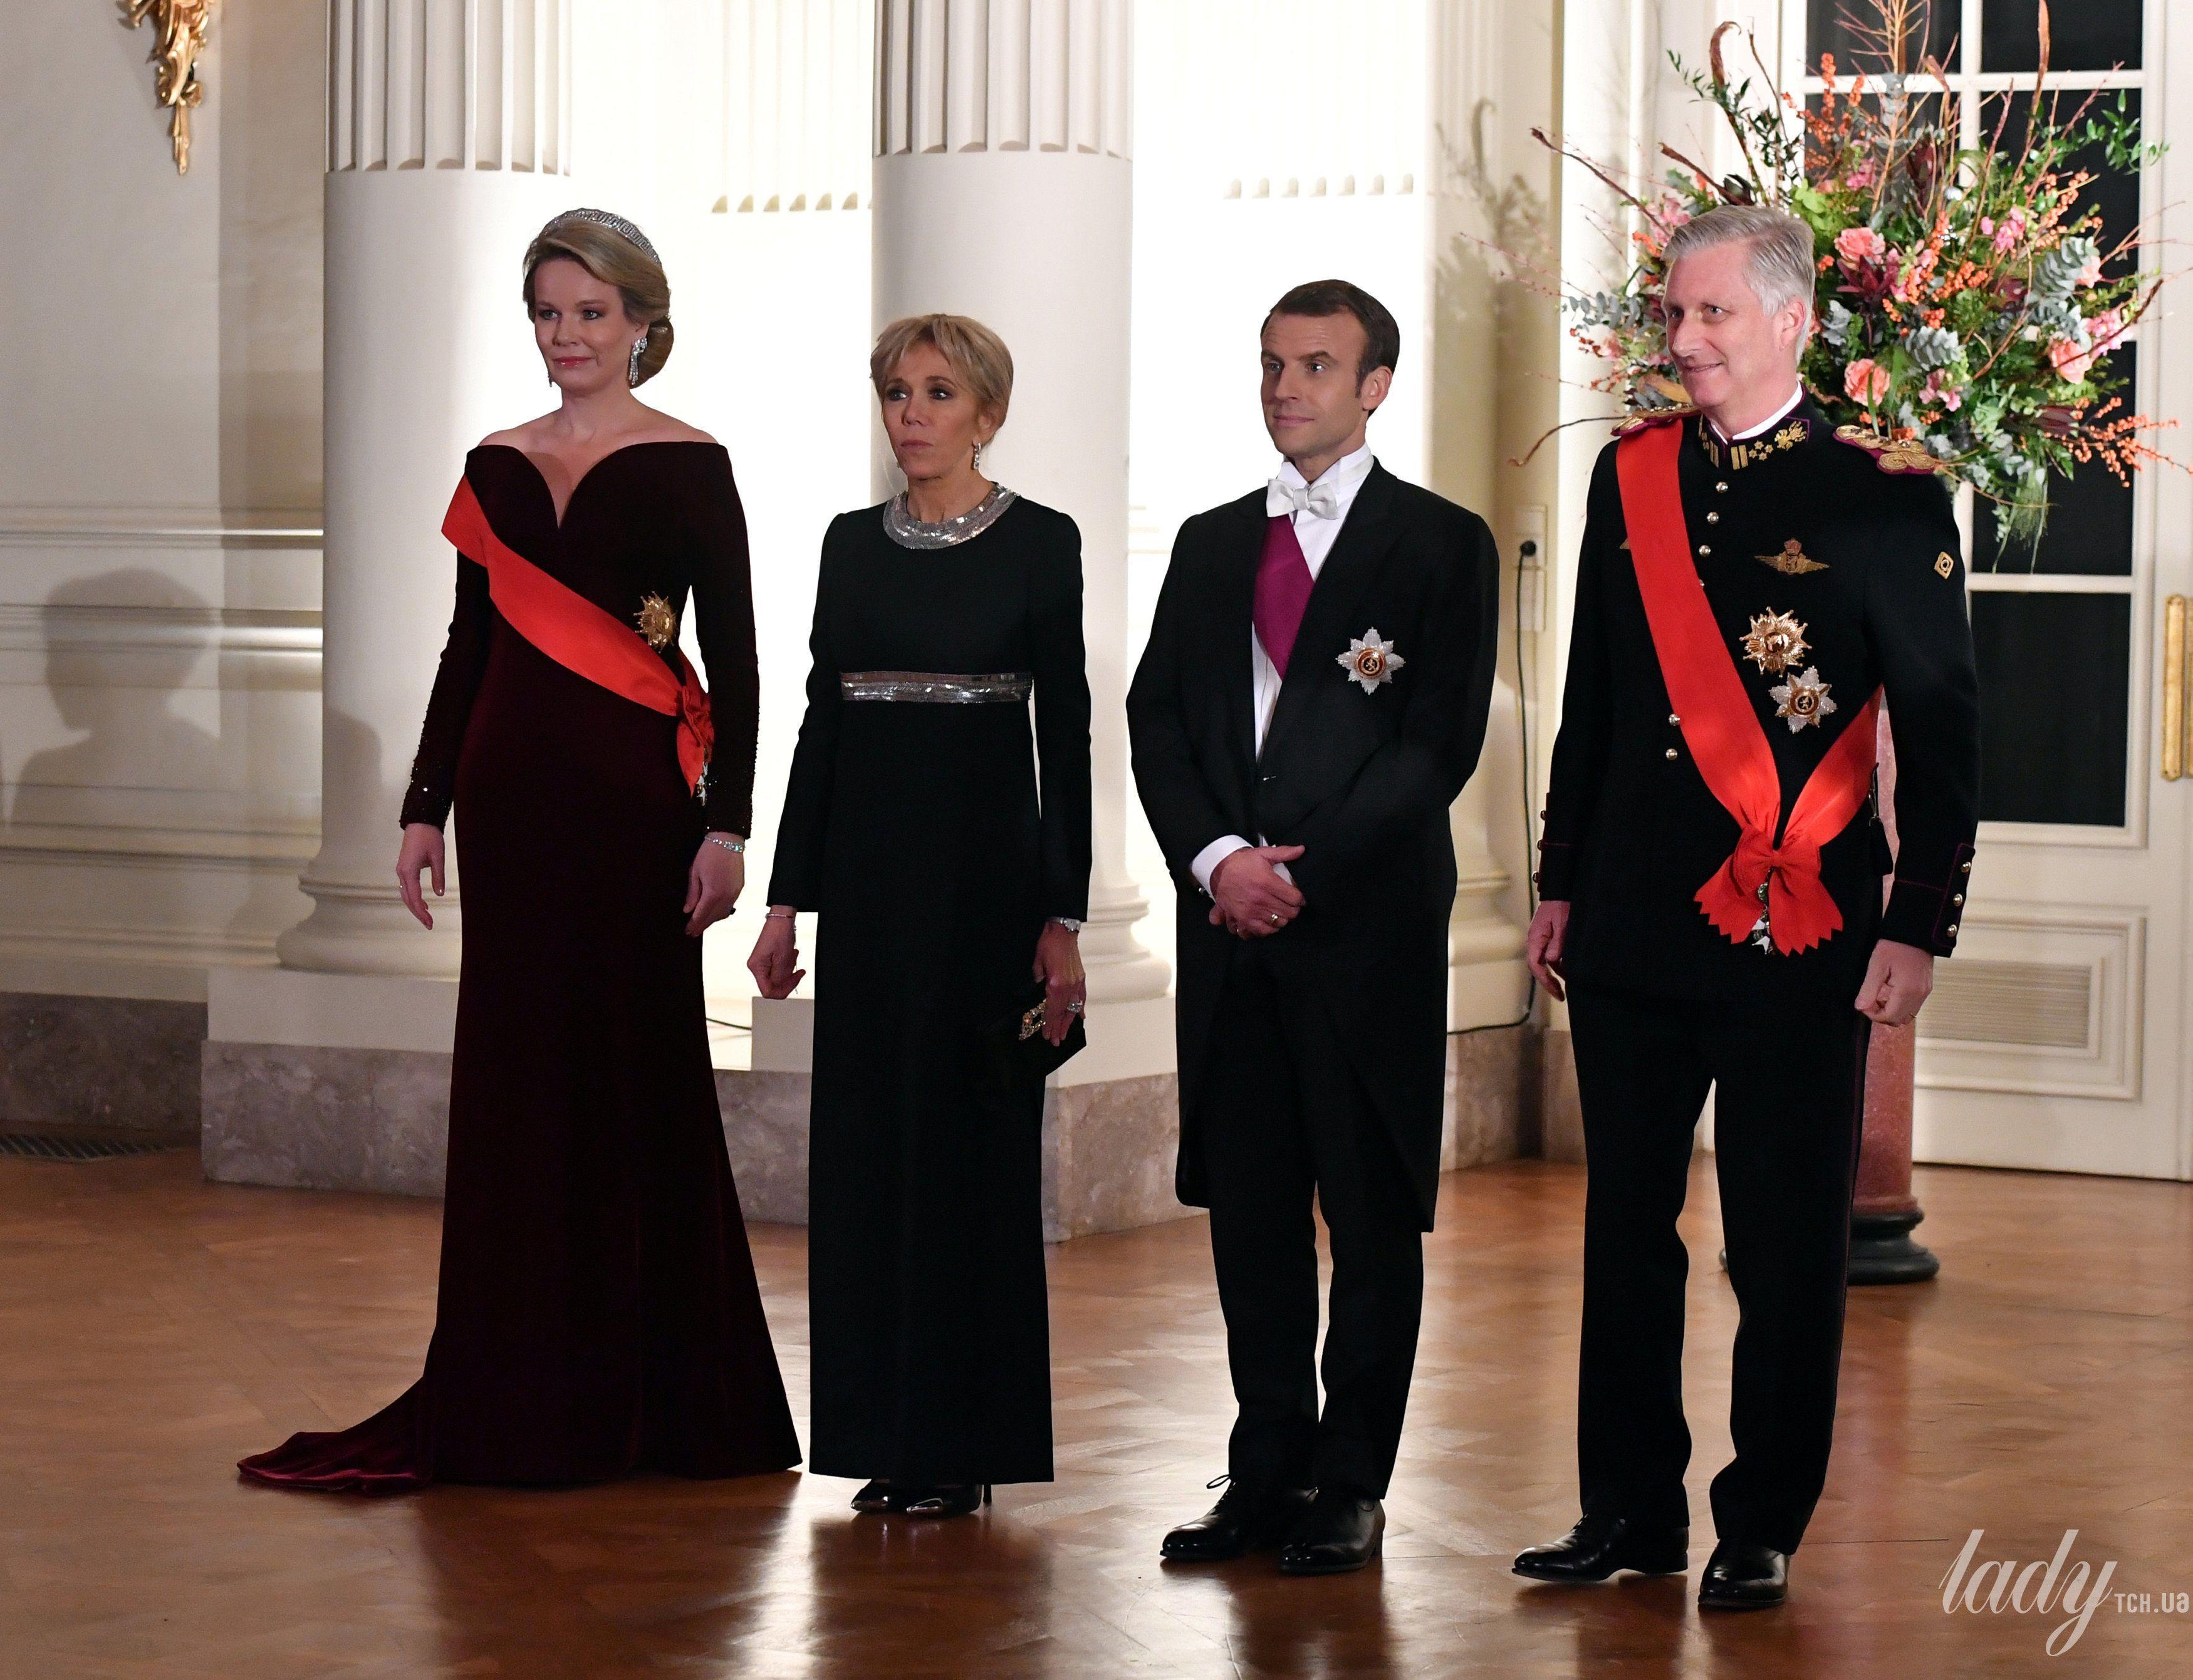 Королева Матильда и король Филипп, президент Эммануэль Макрон и Брижит Макрон во время торжественного приема в Королевском дворце в Брюсселе_5